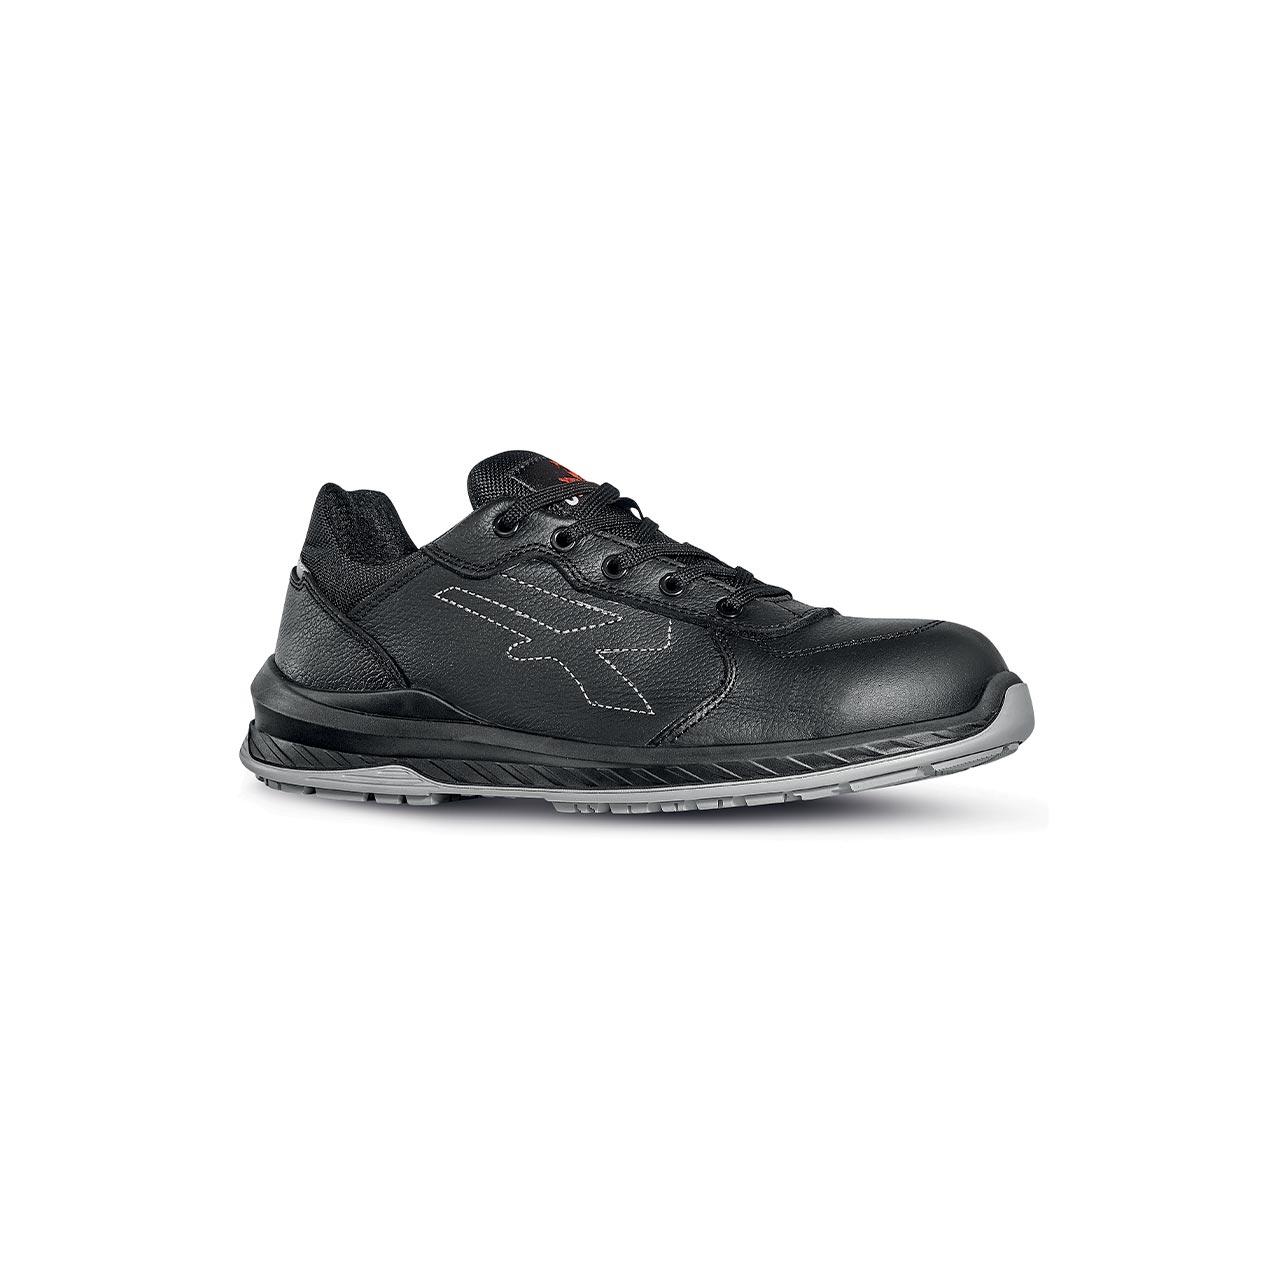 scarpa antinfortunistica upower modello nero linea redindustry vista laterale